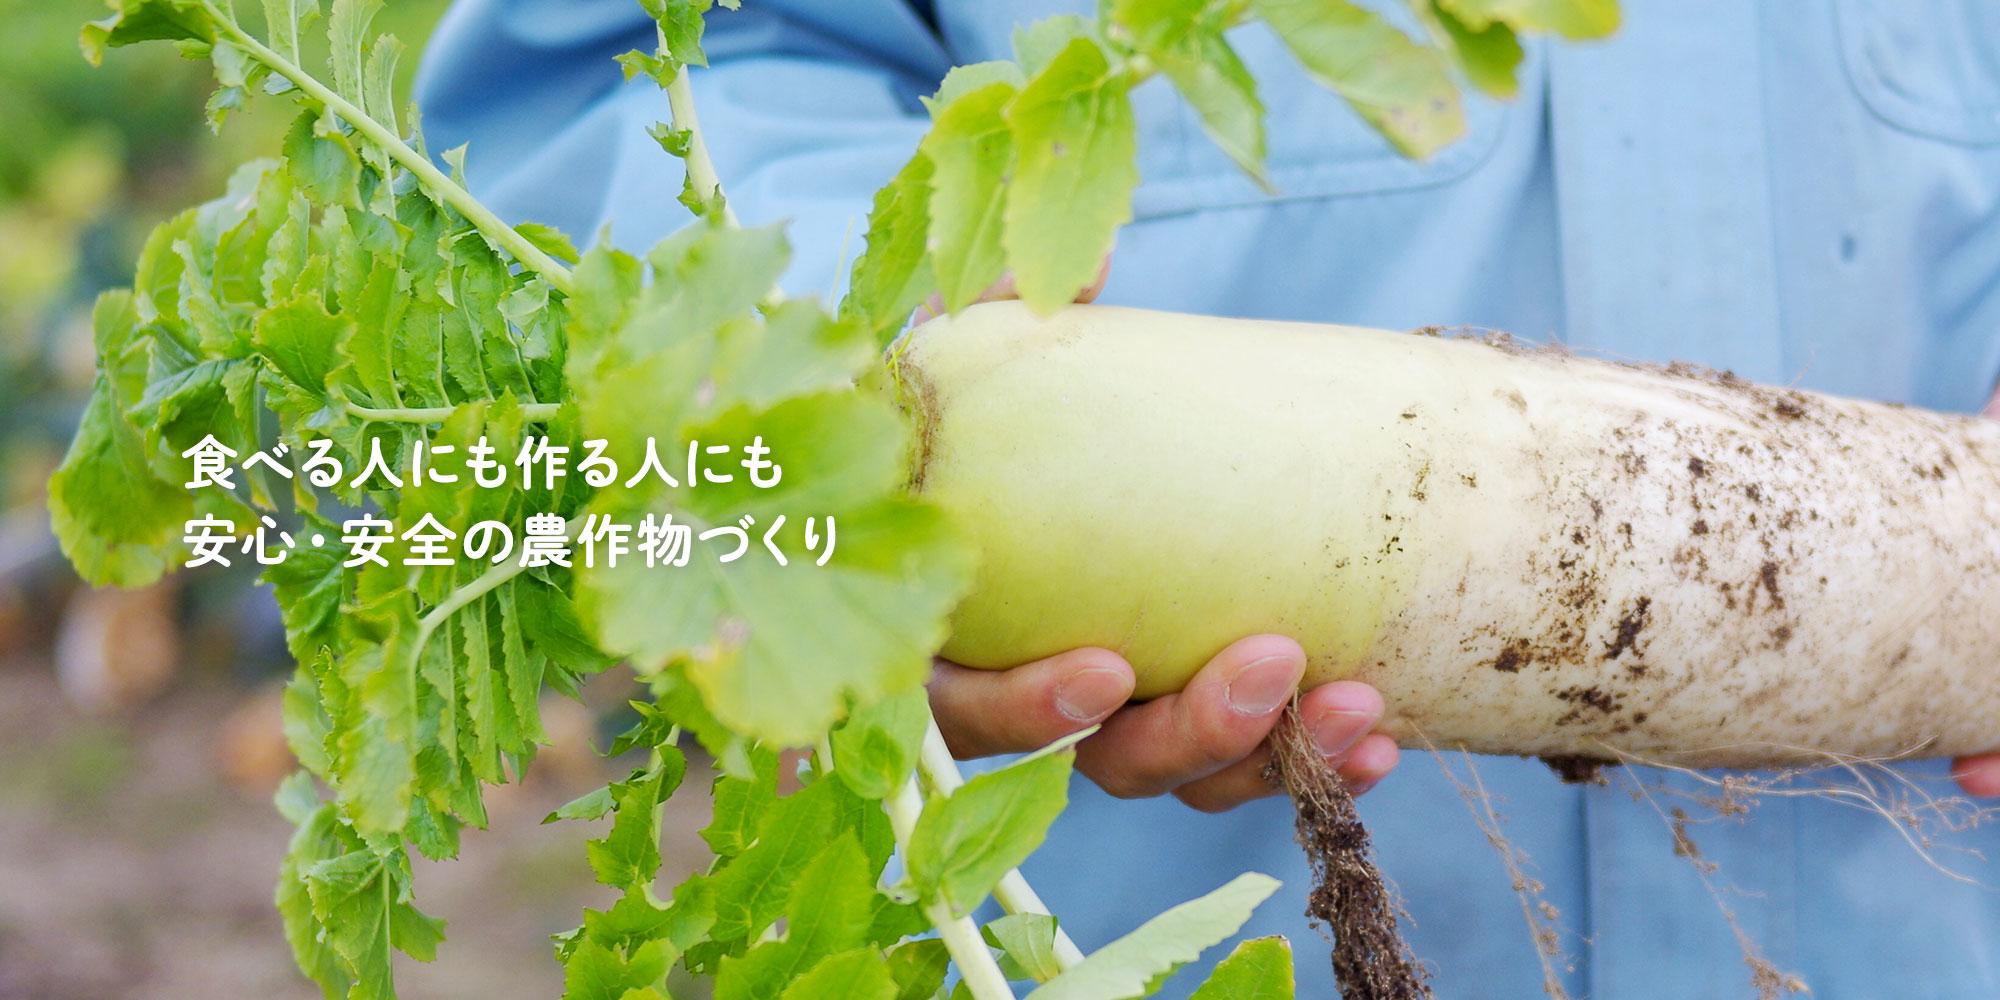 食べる人にも作る人にも安心・安全の農作物づくり SKファーム株式会社